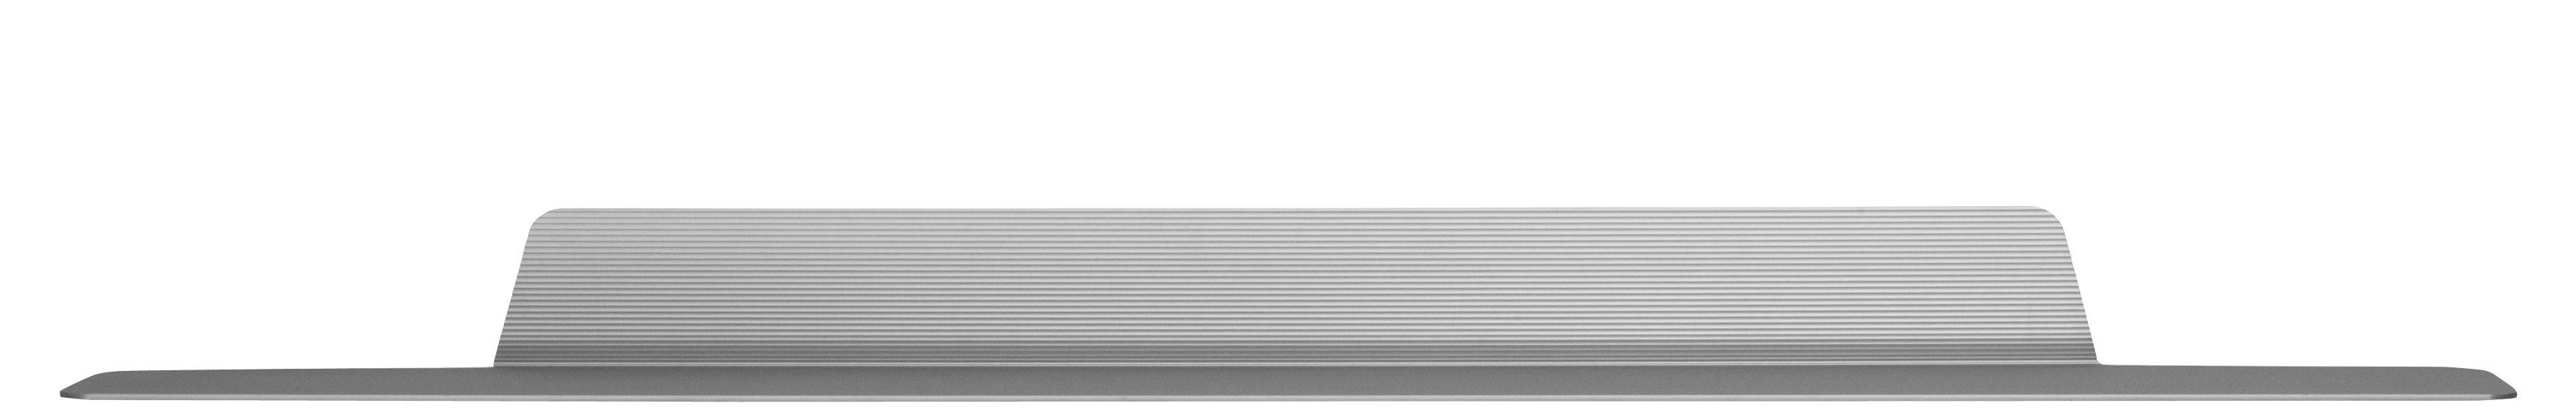 Mobilier - Etagères & bibliothèques - Etagère Jet / L 160 cm - Aluminium - Normann Copenhagen - Argent - Aluminium anodisé